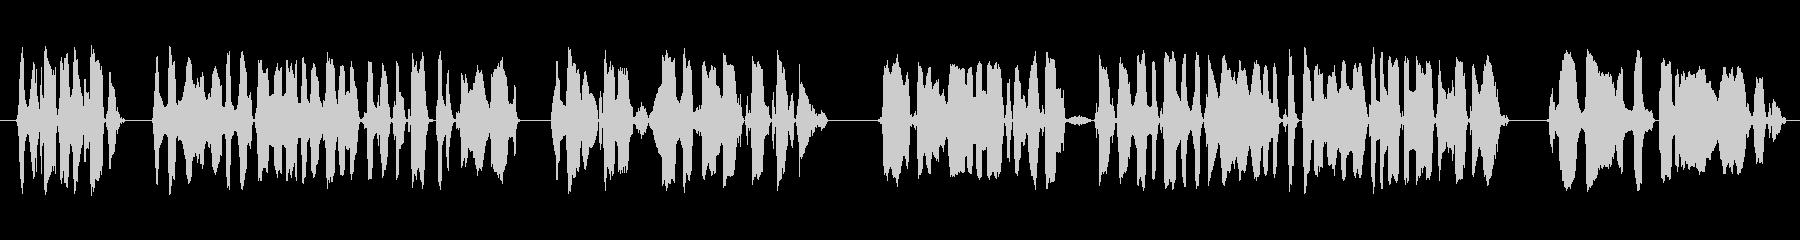 放送アナウンサー、男性の声:一般的...の未再生の波形